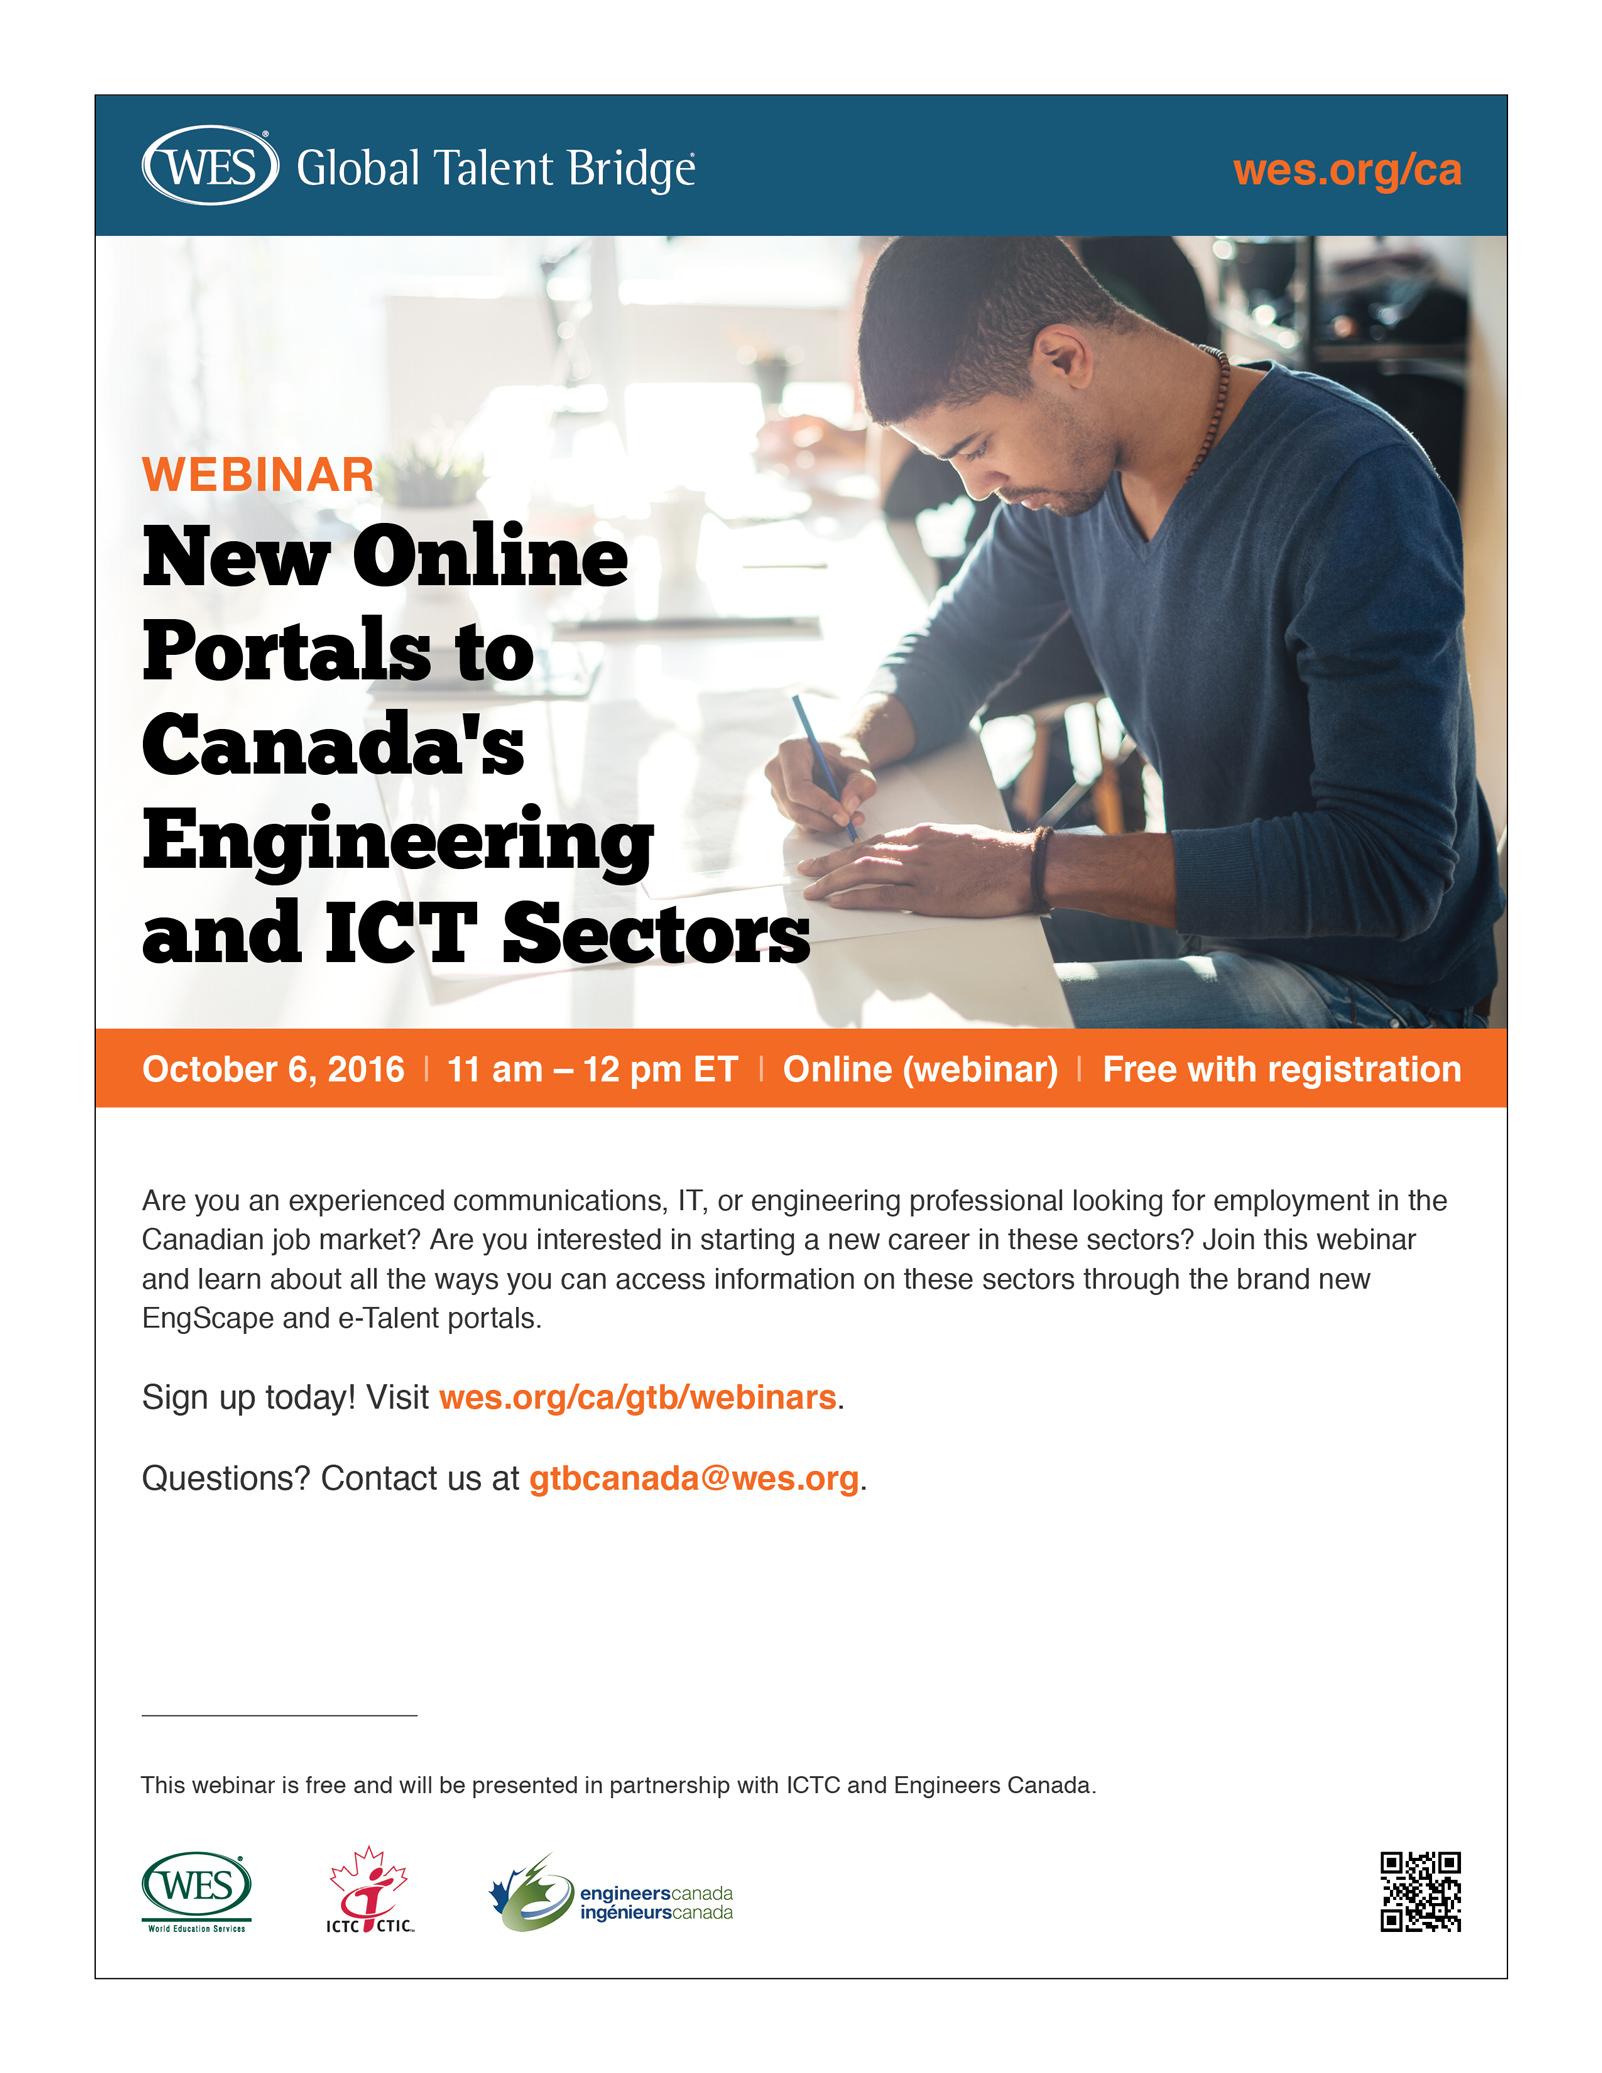 Flyer for webinar on career development.